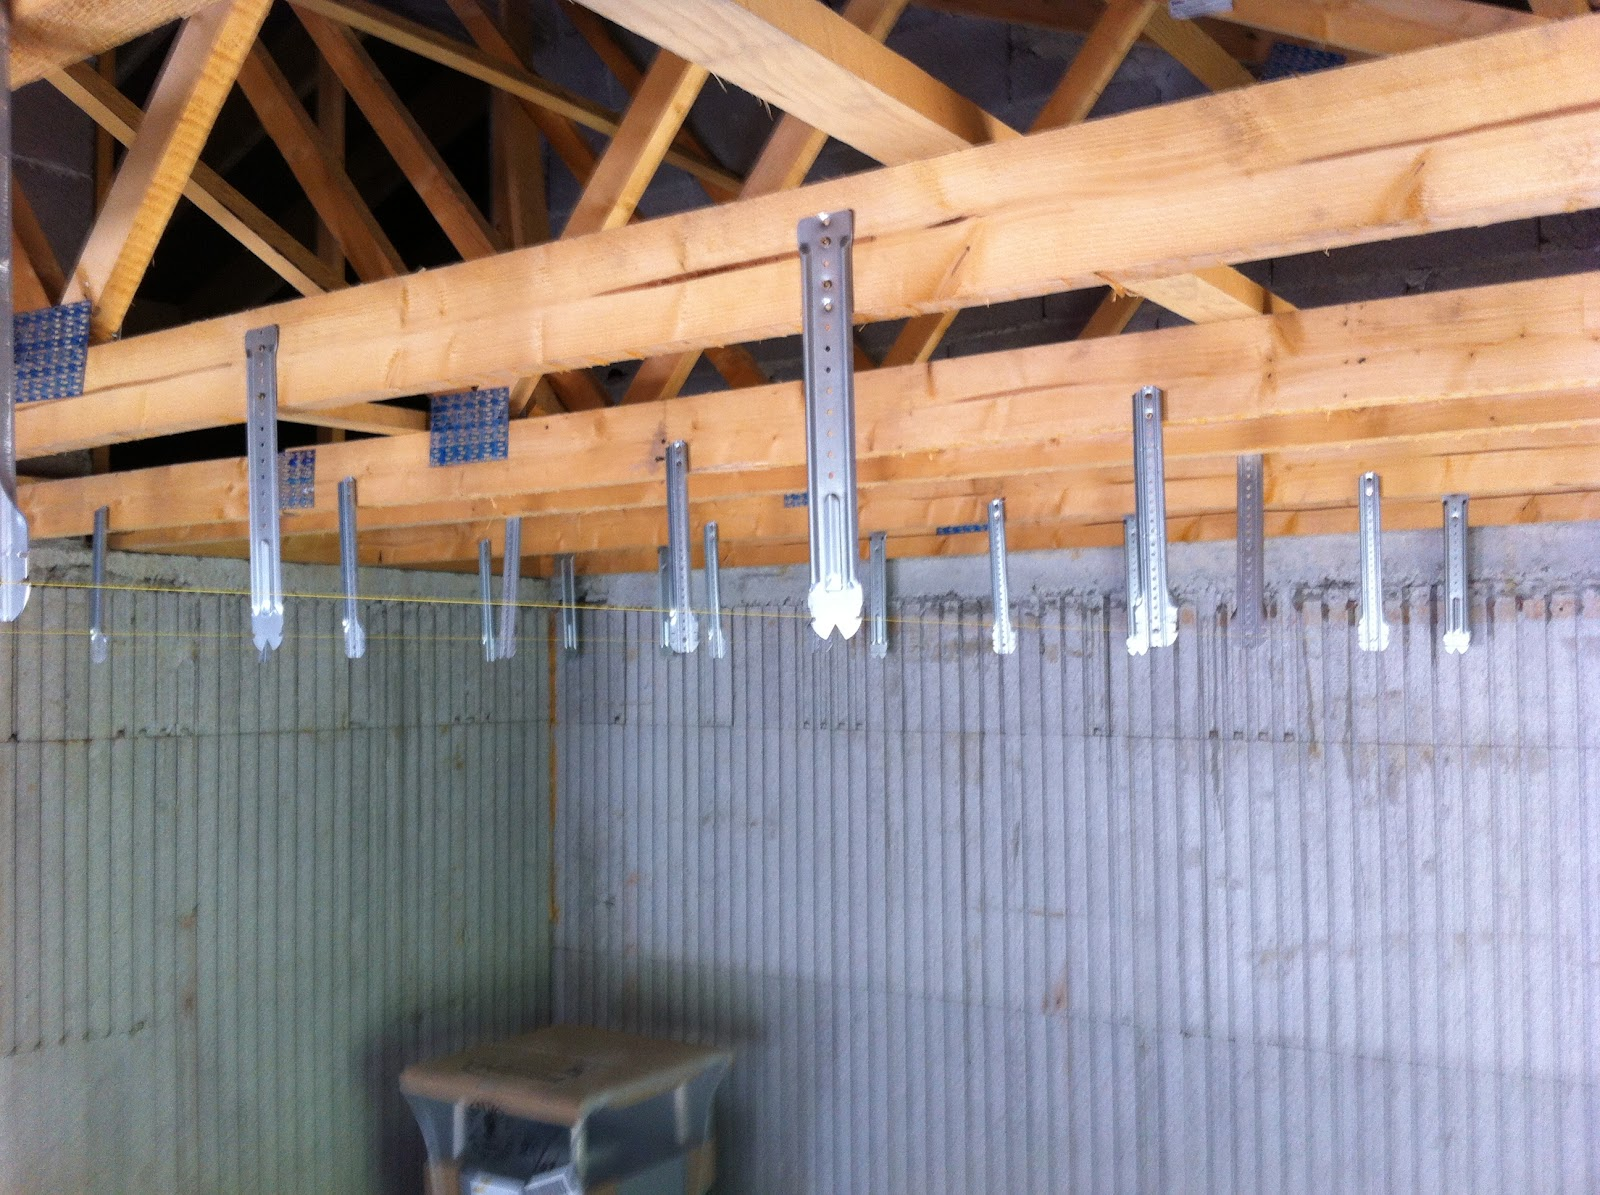 Notre projet maison euromac 2 le plafond en placo - Refaire un plafond en placo ...